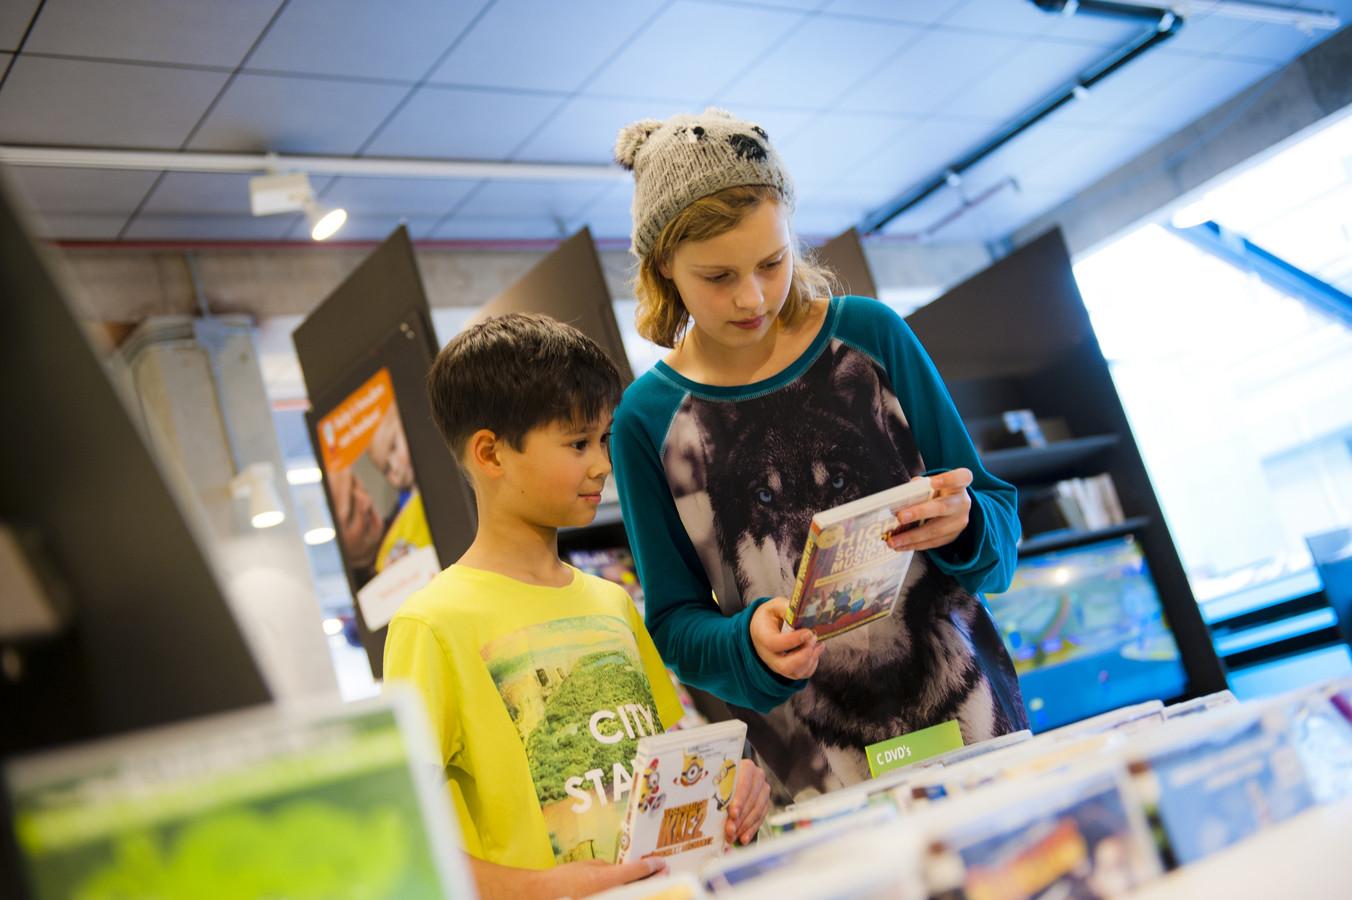 Tijdens de kinderboekenweek staan kinderboeken over vriendschap centraal in de diverse vestigingen van de ZINiN bibliotheek.